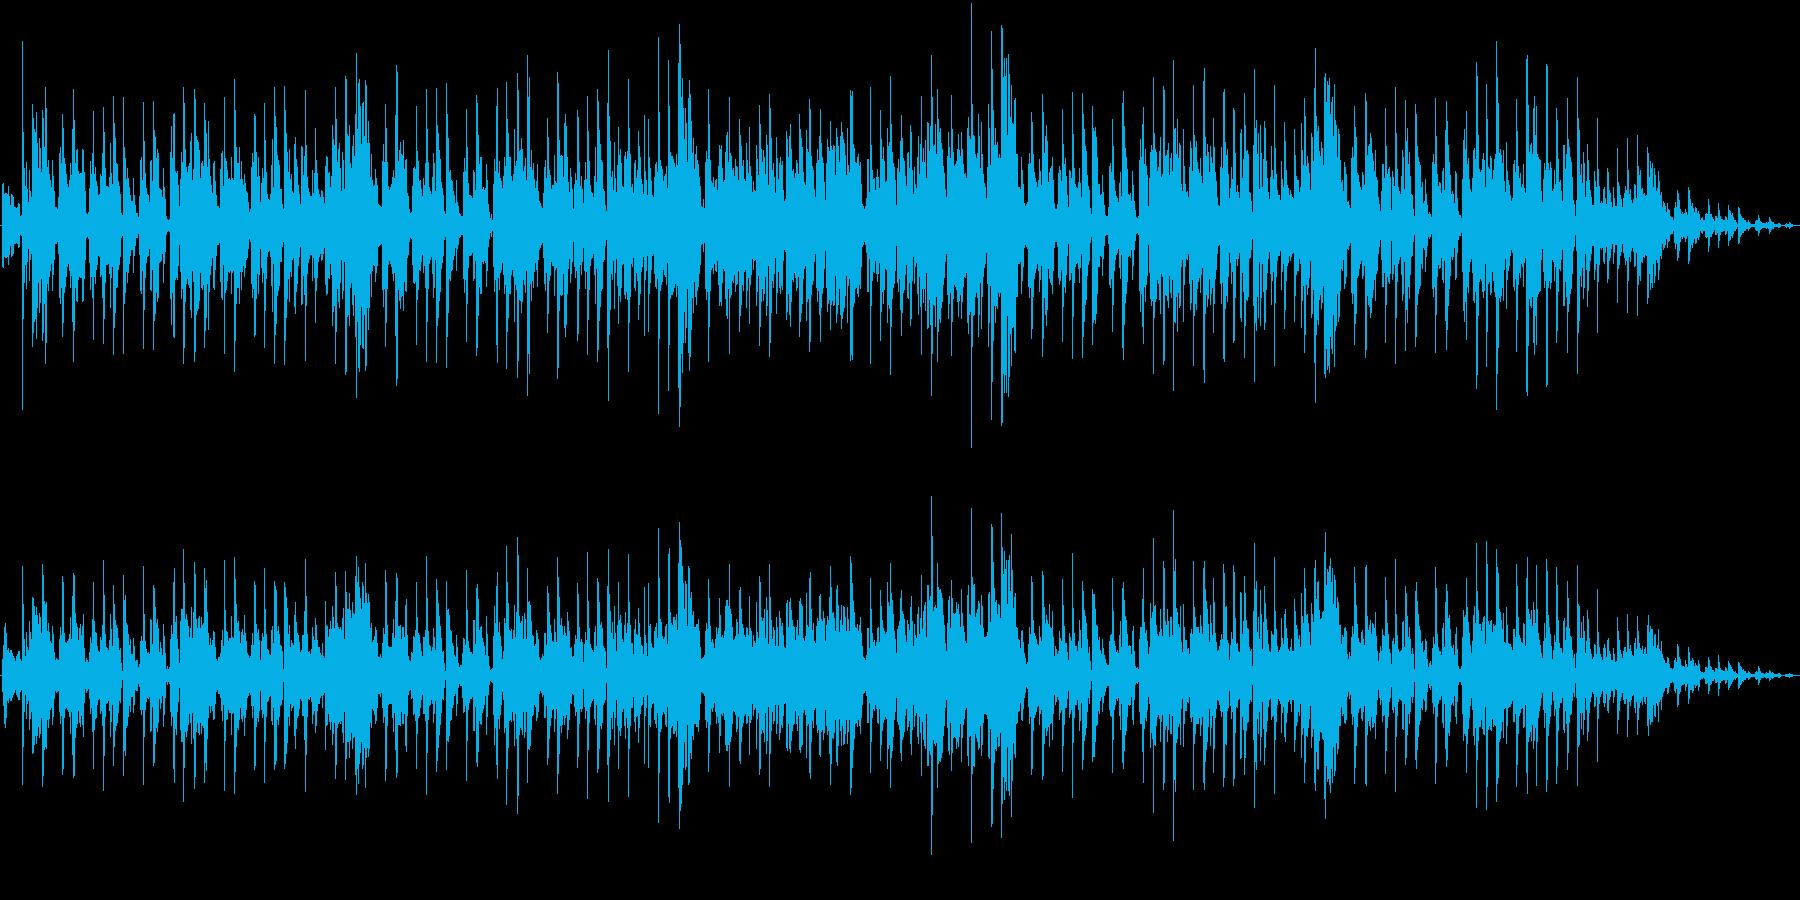 メローな雰囲気の都会的なアシッドジャズの再生済みの波形